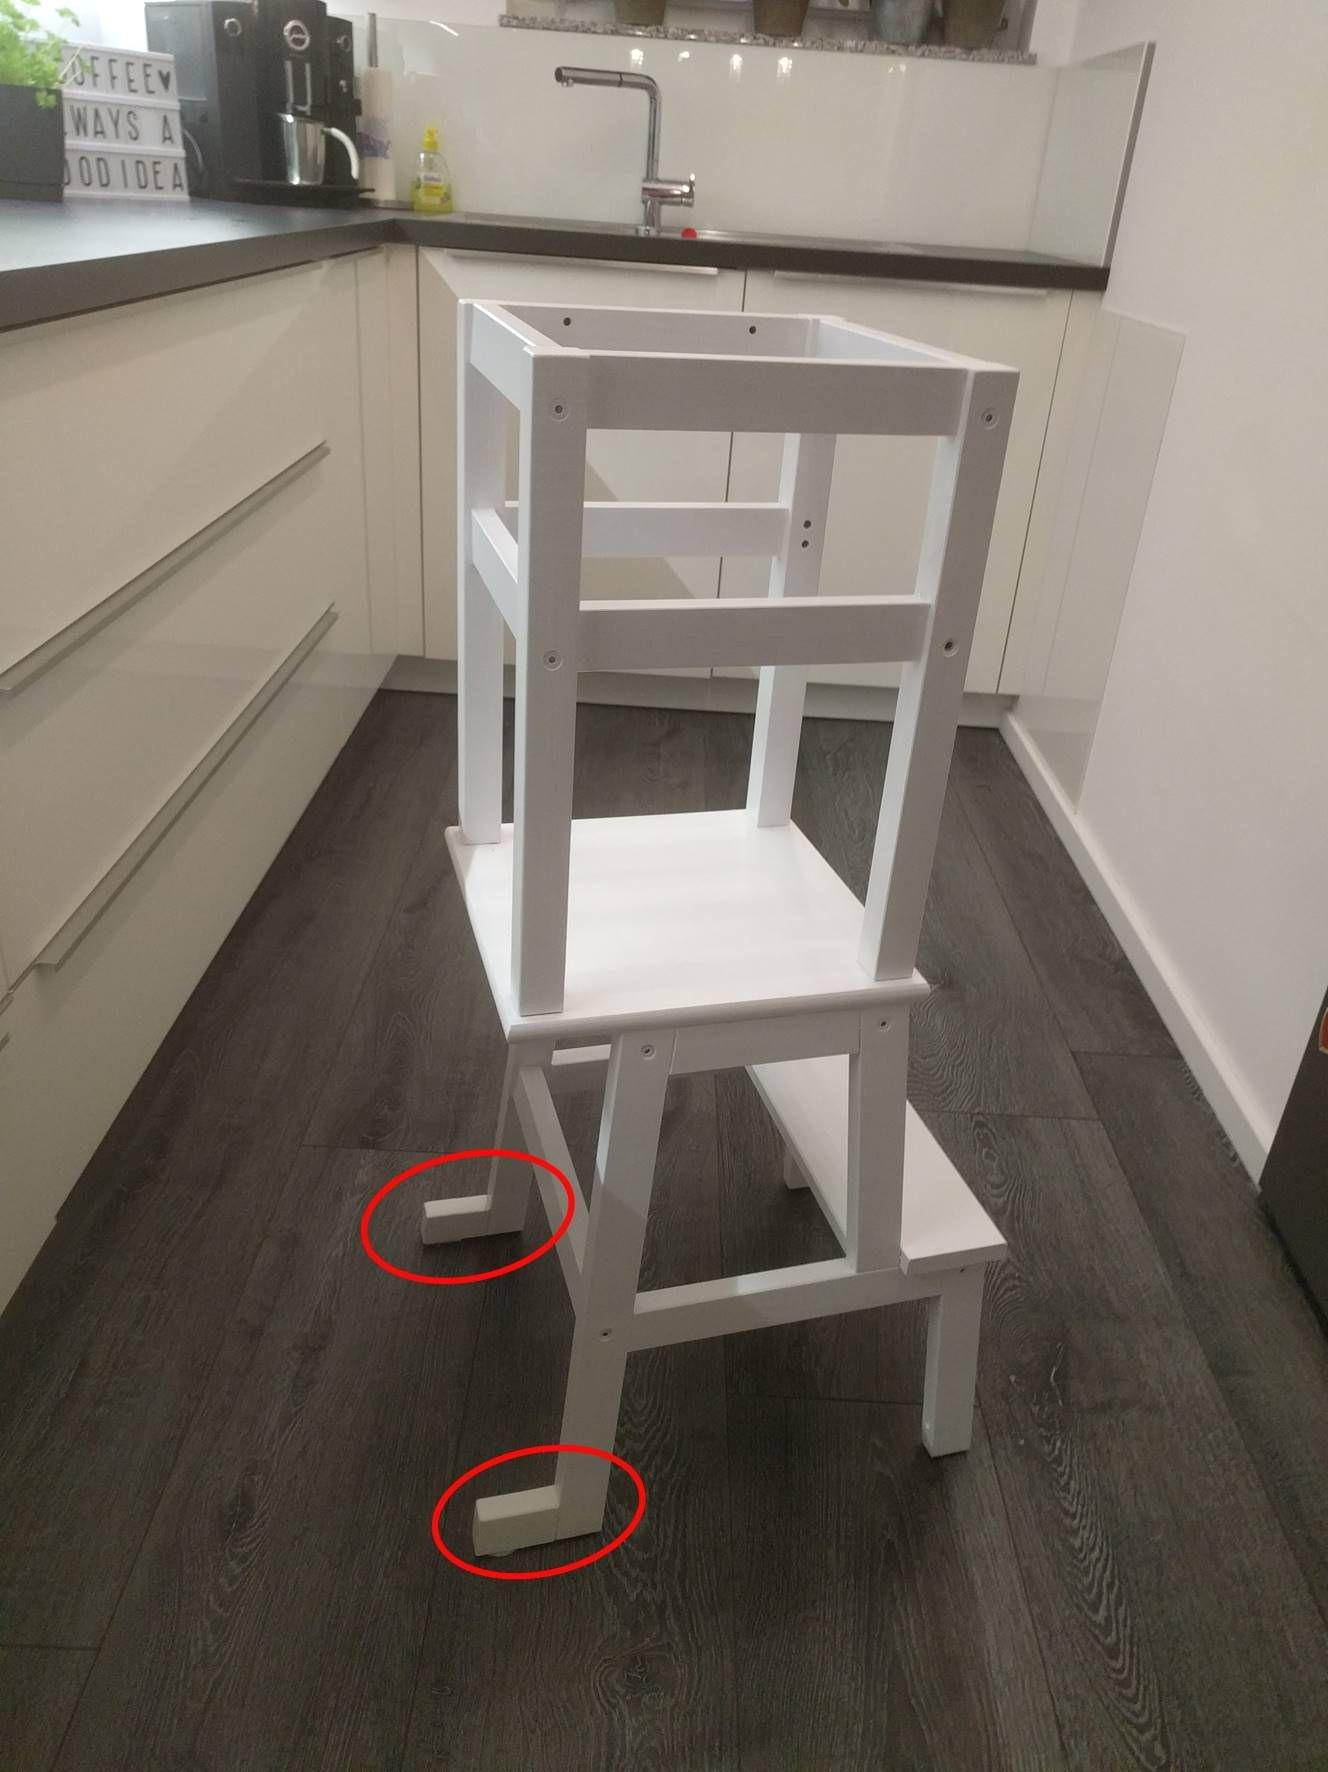 Paravent Ikea Pas Cher Impressionnant Image Dressing sous Pente Pas Cher Luxe Paravent Pas Cher Gifi Meubles